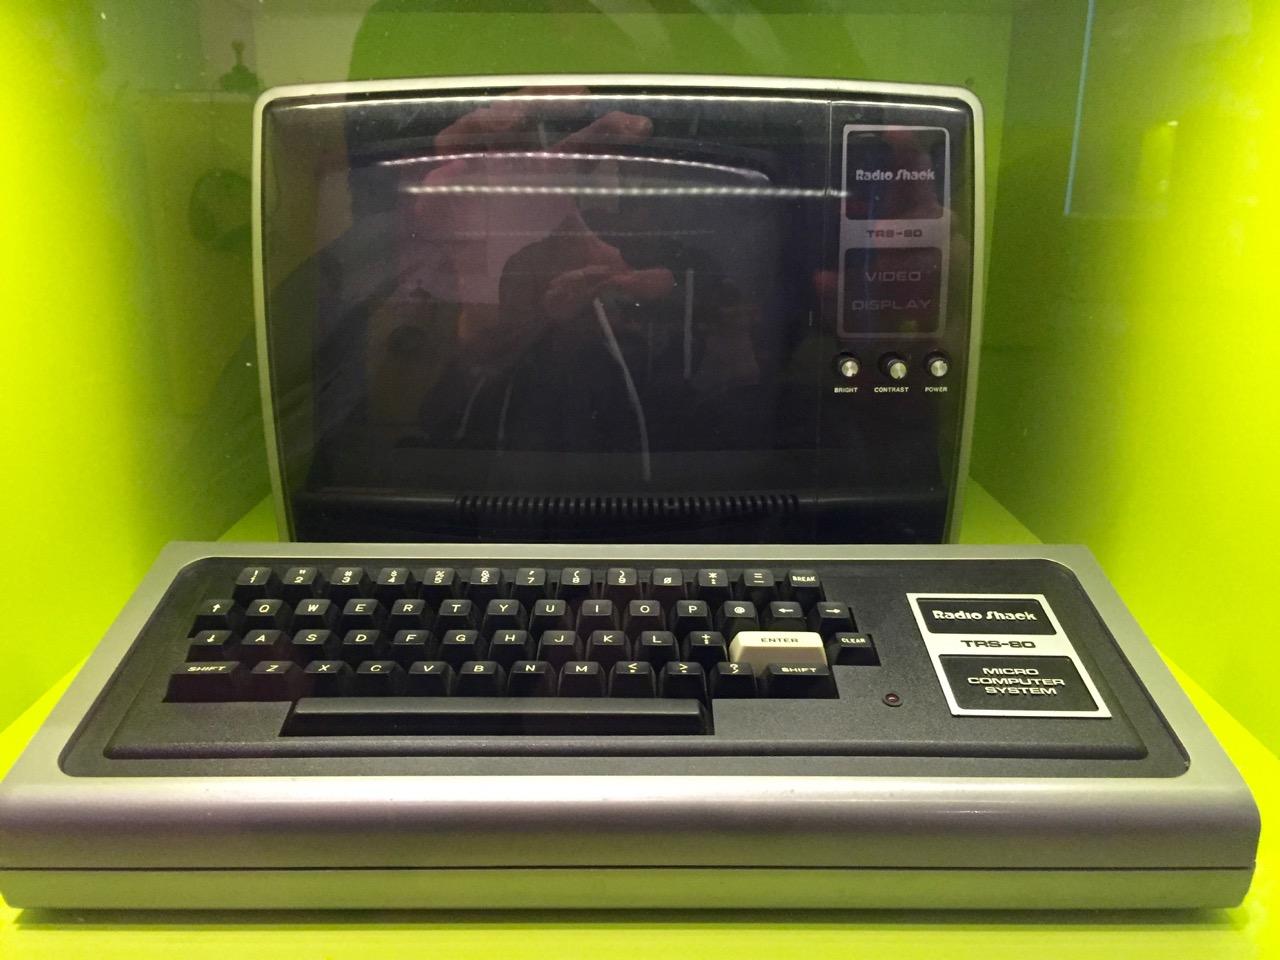 Ein TRS-80 Homecomputer. (Bild: André Eymann)